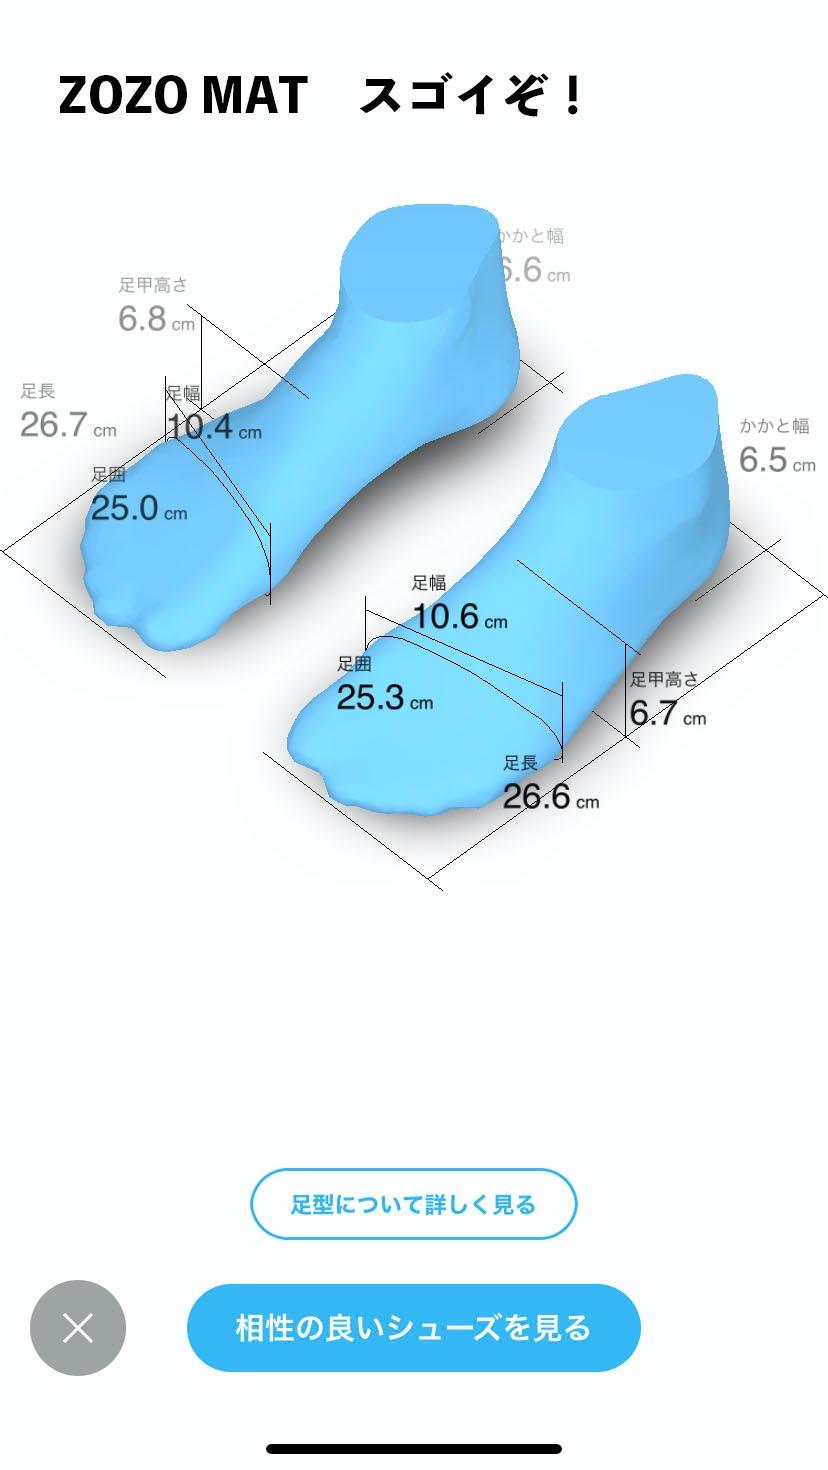 今日、ZOZOからZOZOMATが届いた。 足を計測してみたら前に3D計測機で